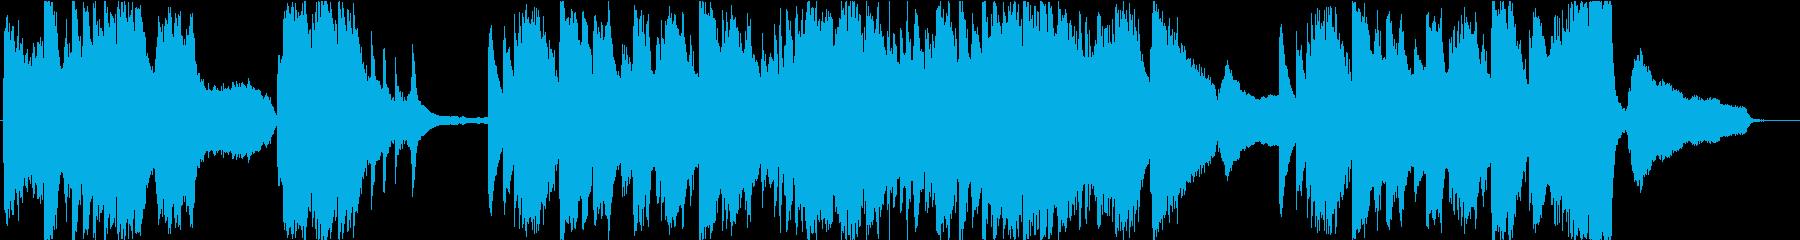 ショパン風 哀愁漂うピアノソロの再生済みの波形